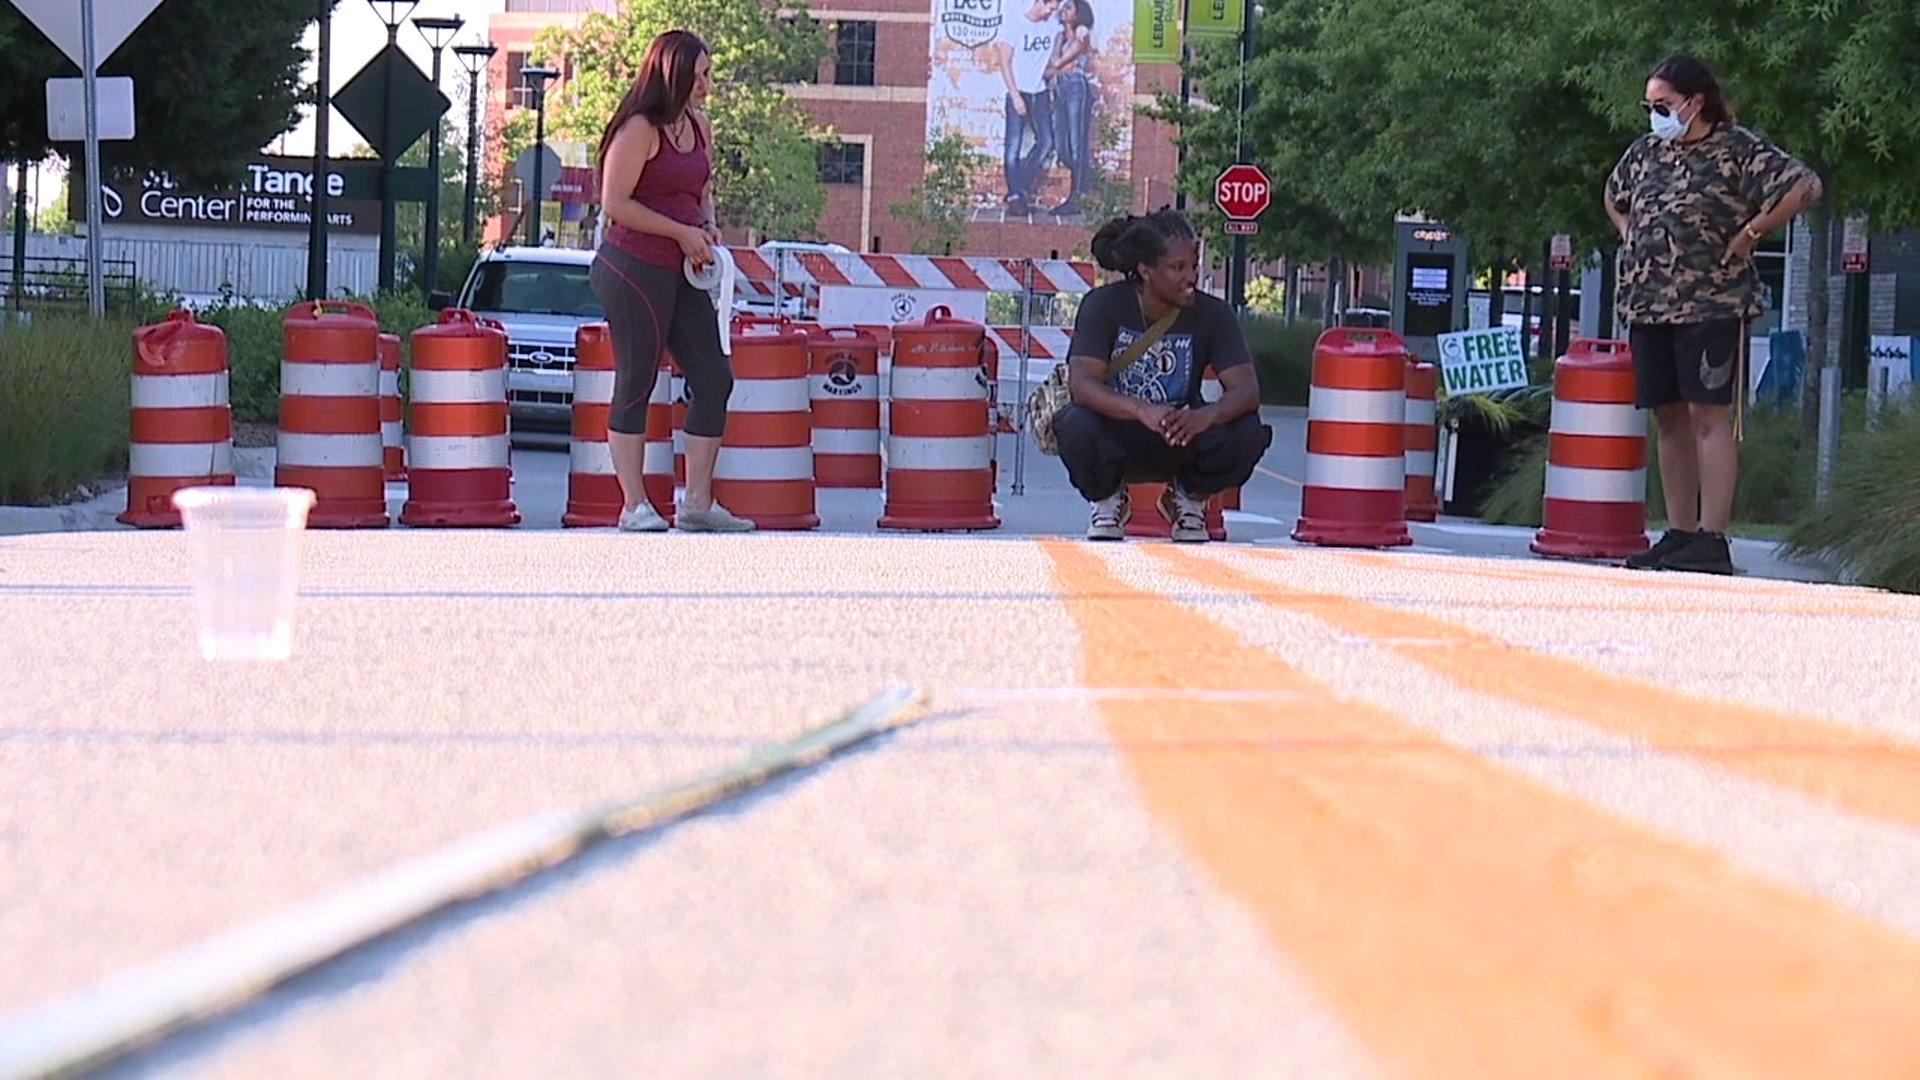 Work begins on new street mural in Greensboro